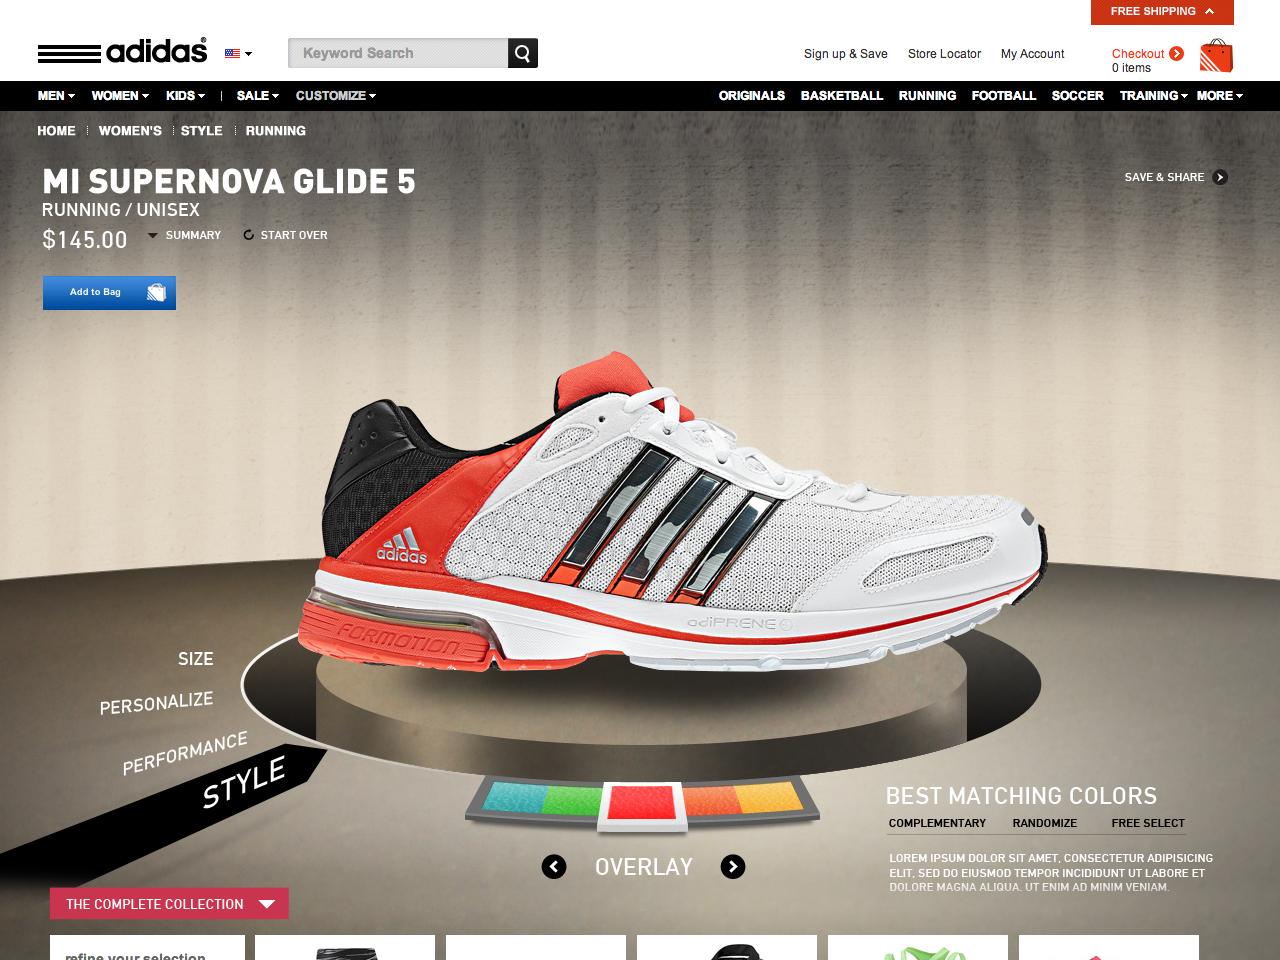 adidas_running_config_04.jpg